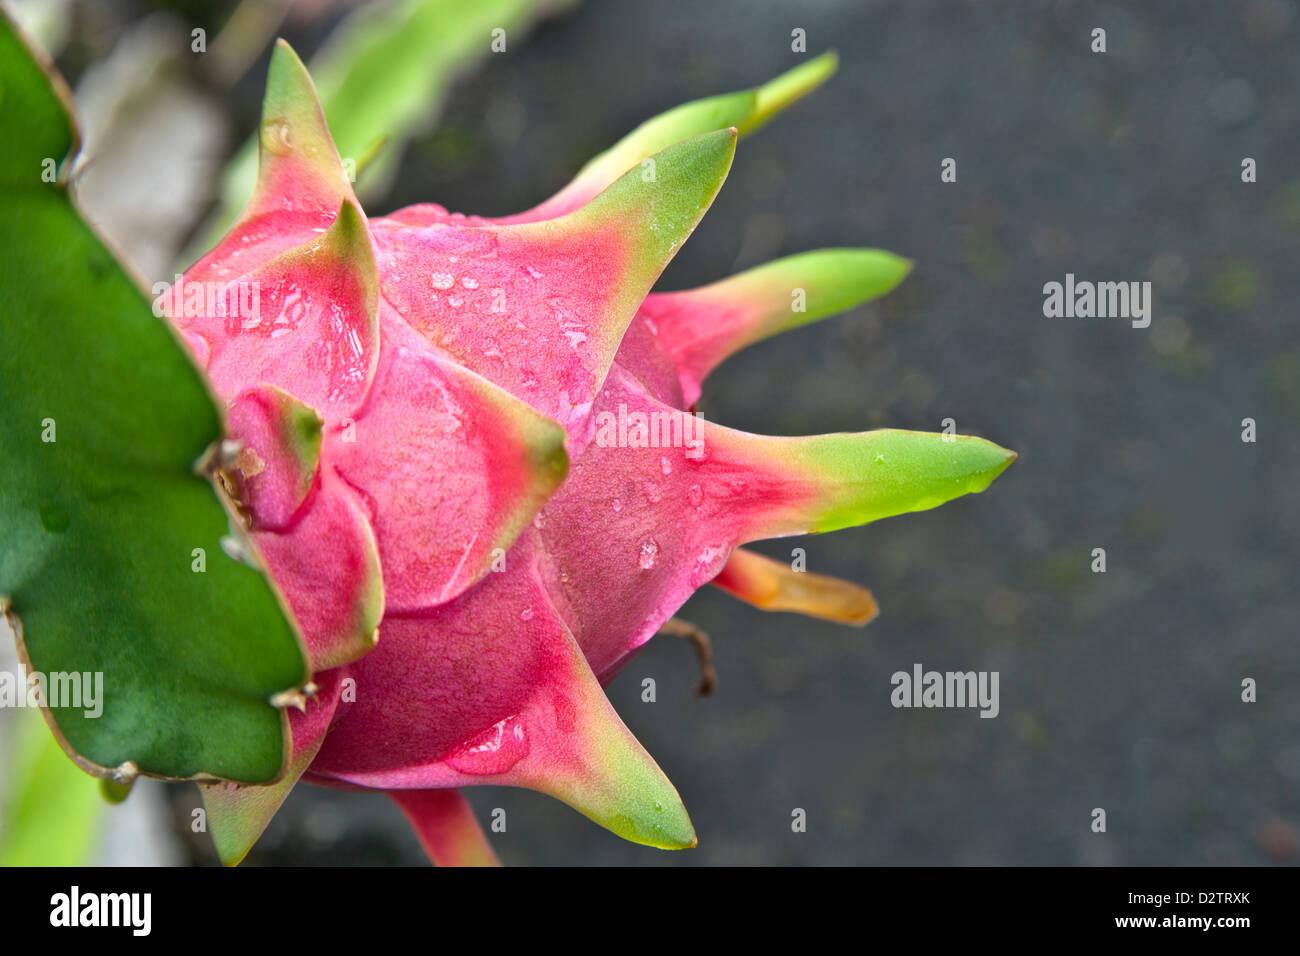 Maturing Dragon Fruit 'Hylocereus undatus' . - Stock Image